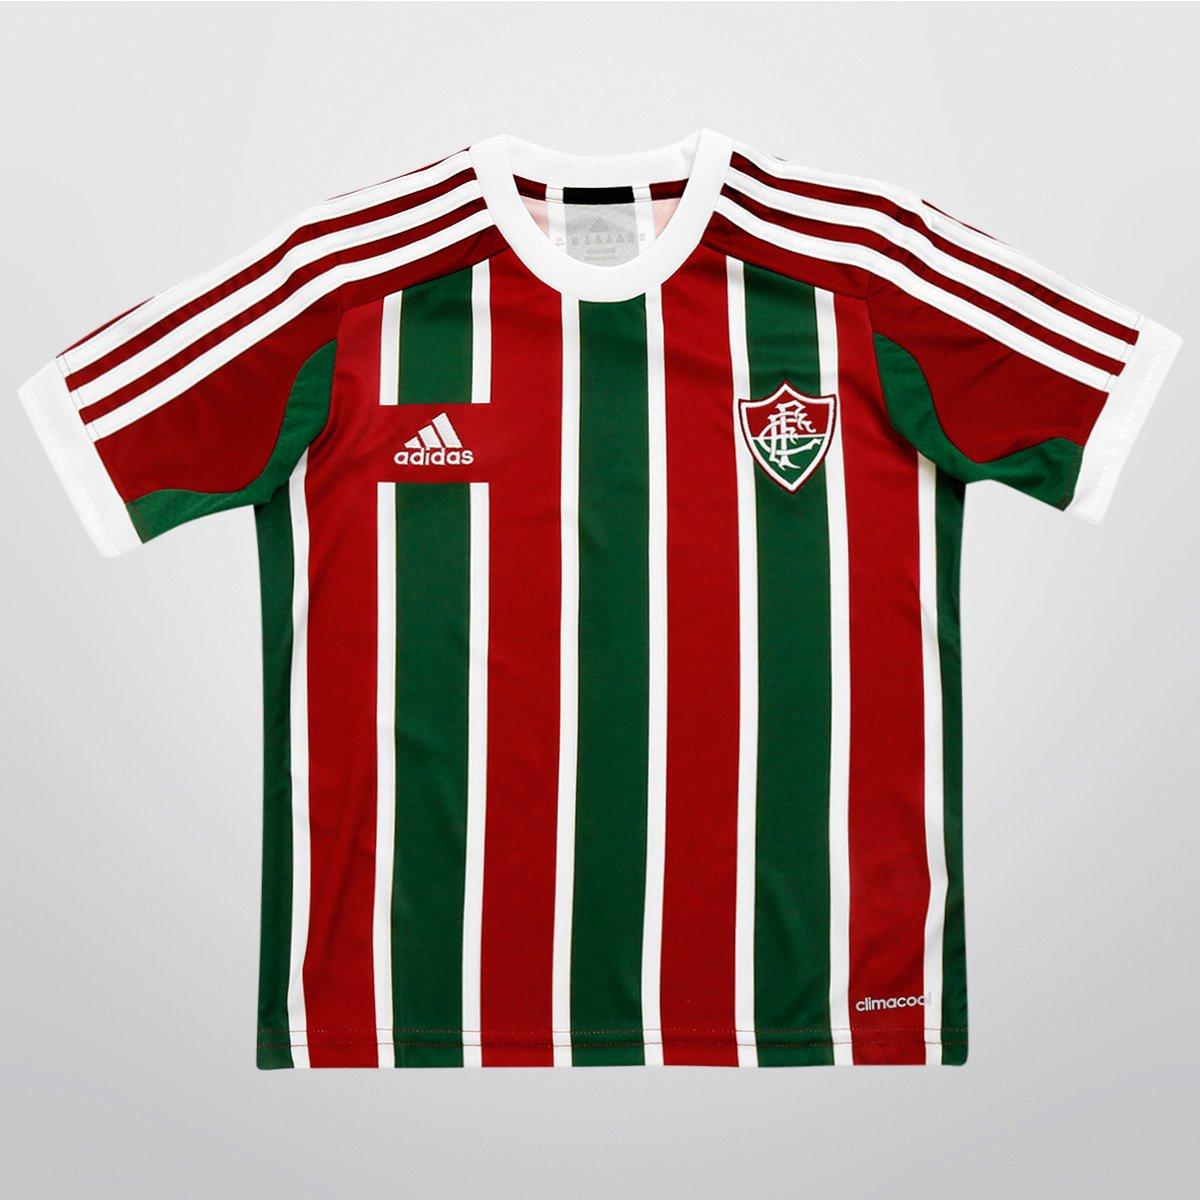 Camisa Adidas Fluminense I 2015 s nº Juvenil - Compre Agora  5075d798d00b3